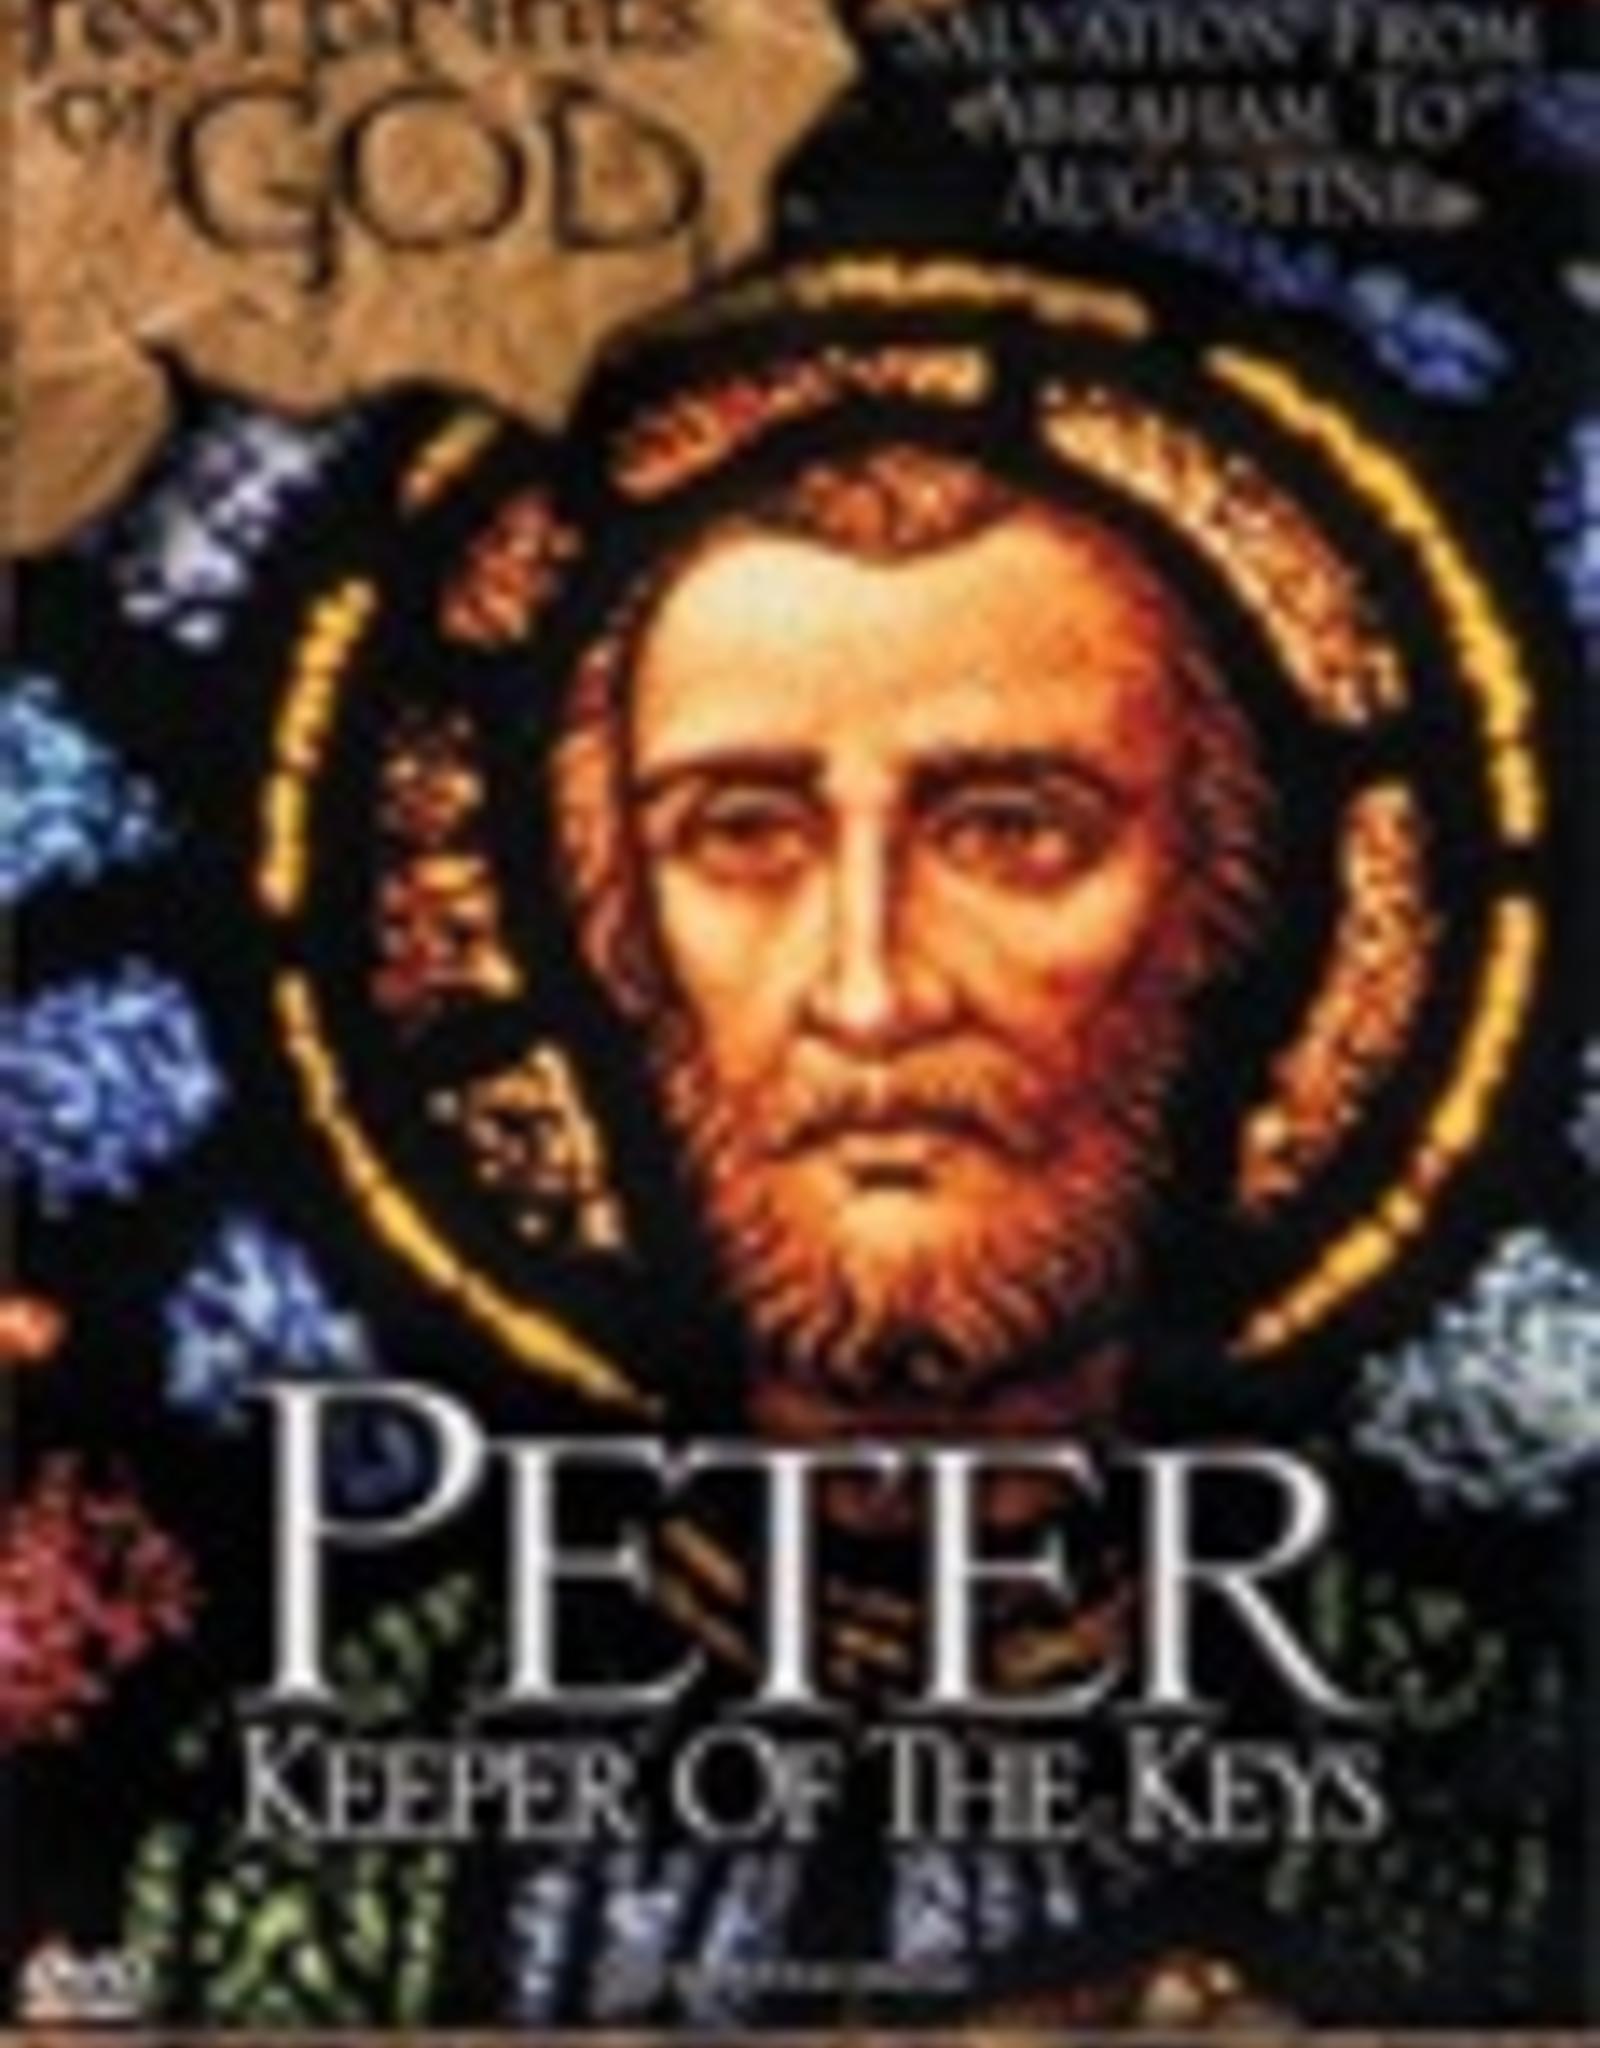 Ignatius Press Footprints of God:  Peter, Keeper of the Keys (DVD)